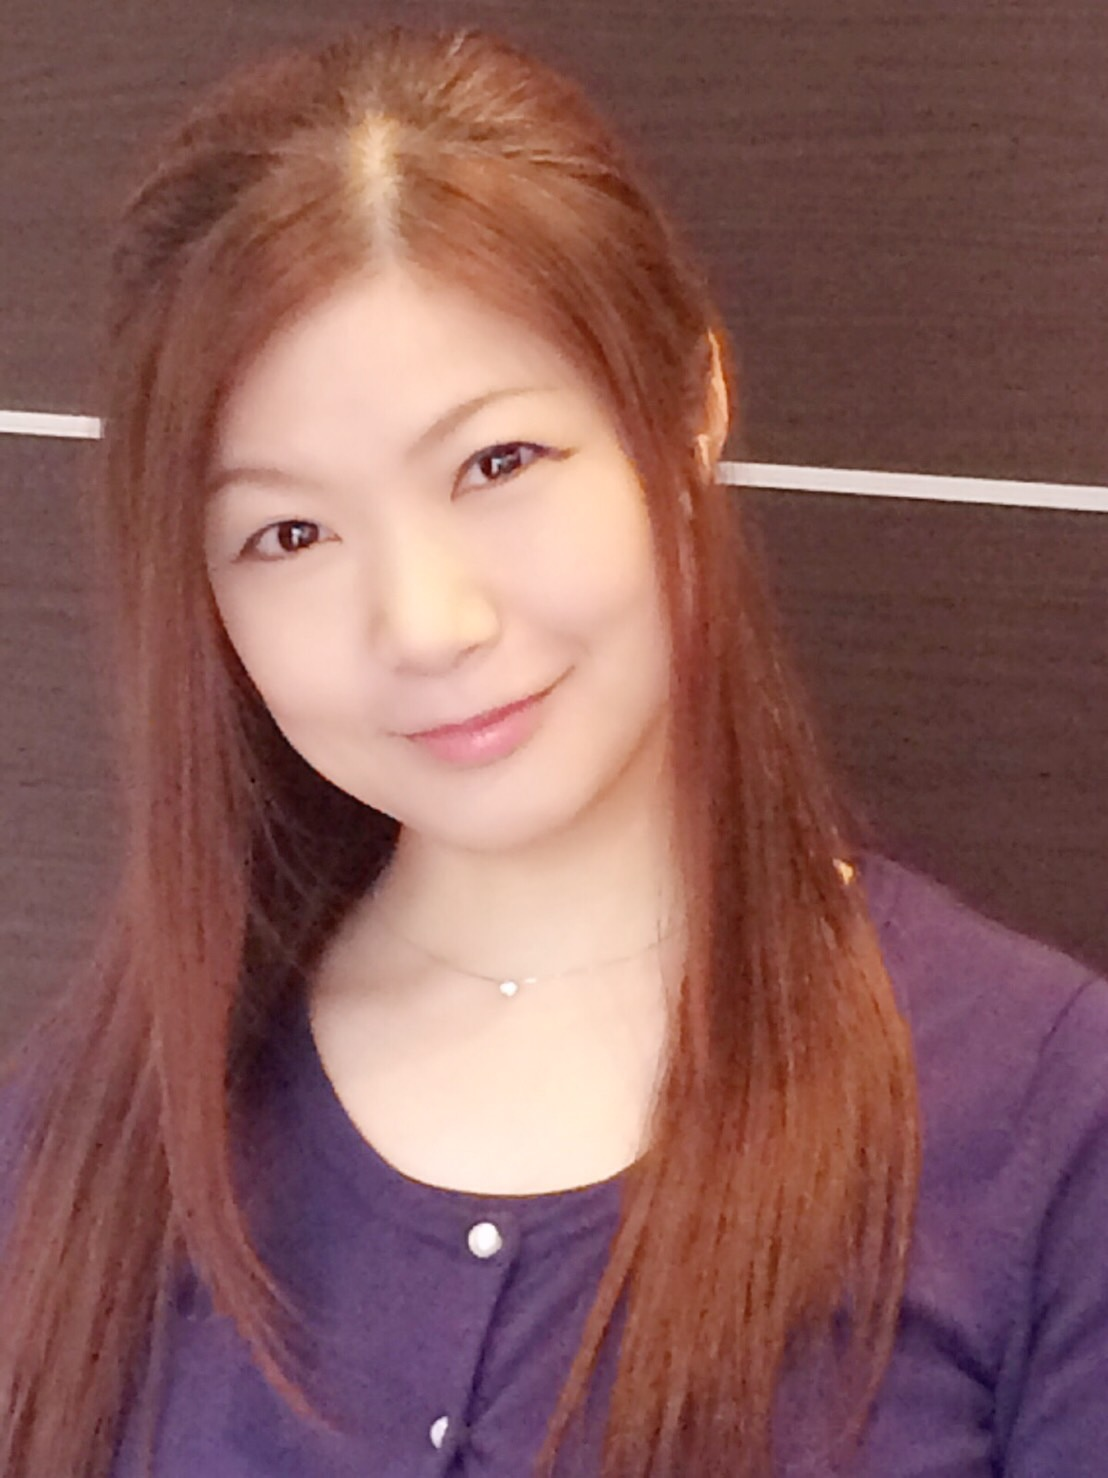 センチュリー21永観江嶋 愛の写真